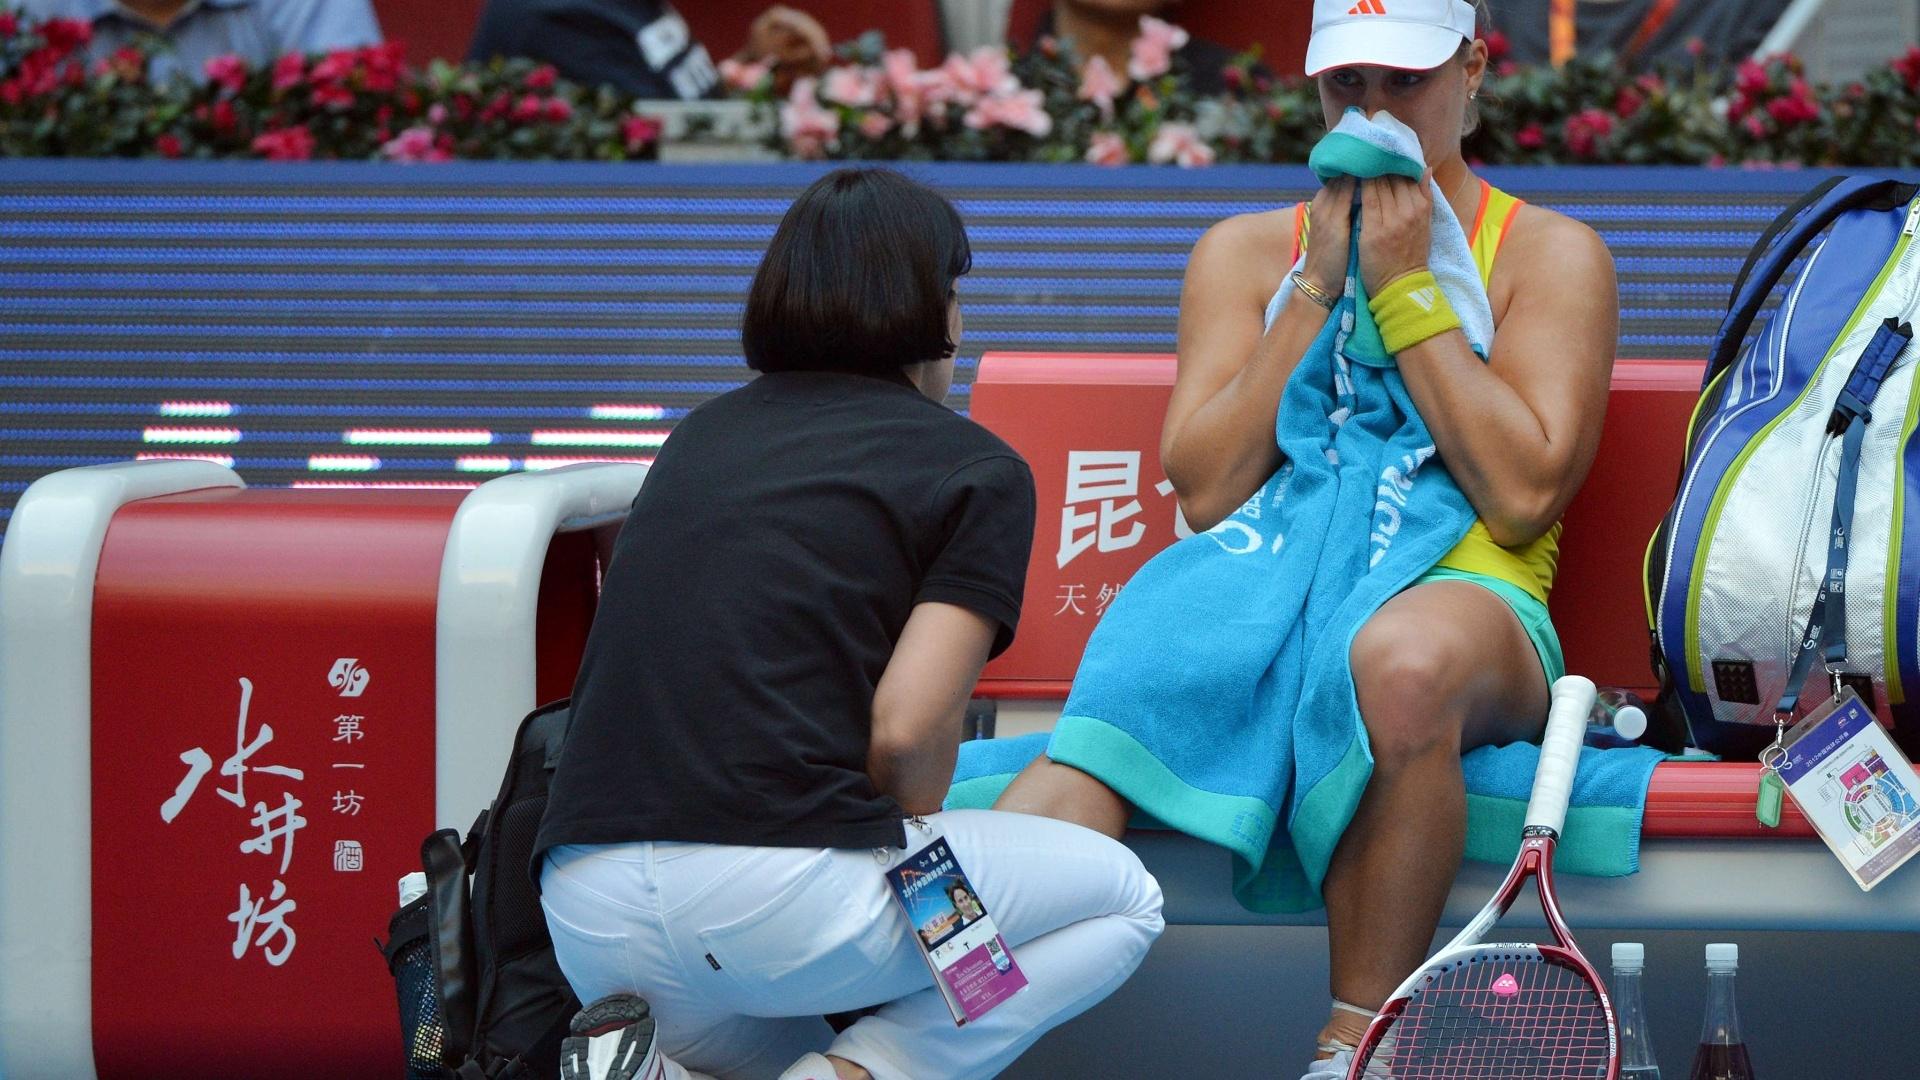 Alemã Angelique Kerber recebe atendimento médico no jogo contra a russa Maria Sharapova. Kerber desistiu do jogo, e Sharapova avançou à semifinal do Torneio de Pequim (05/10/2012)